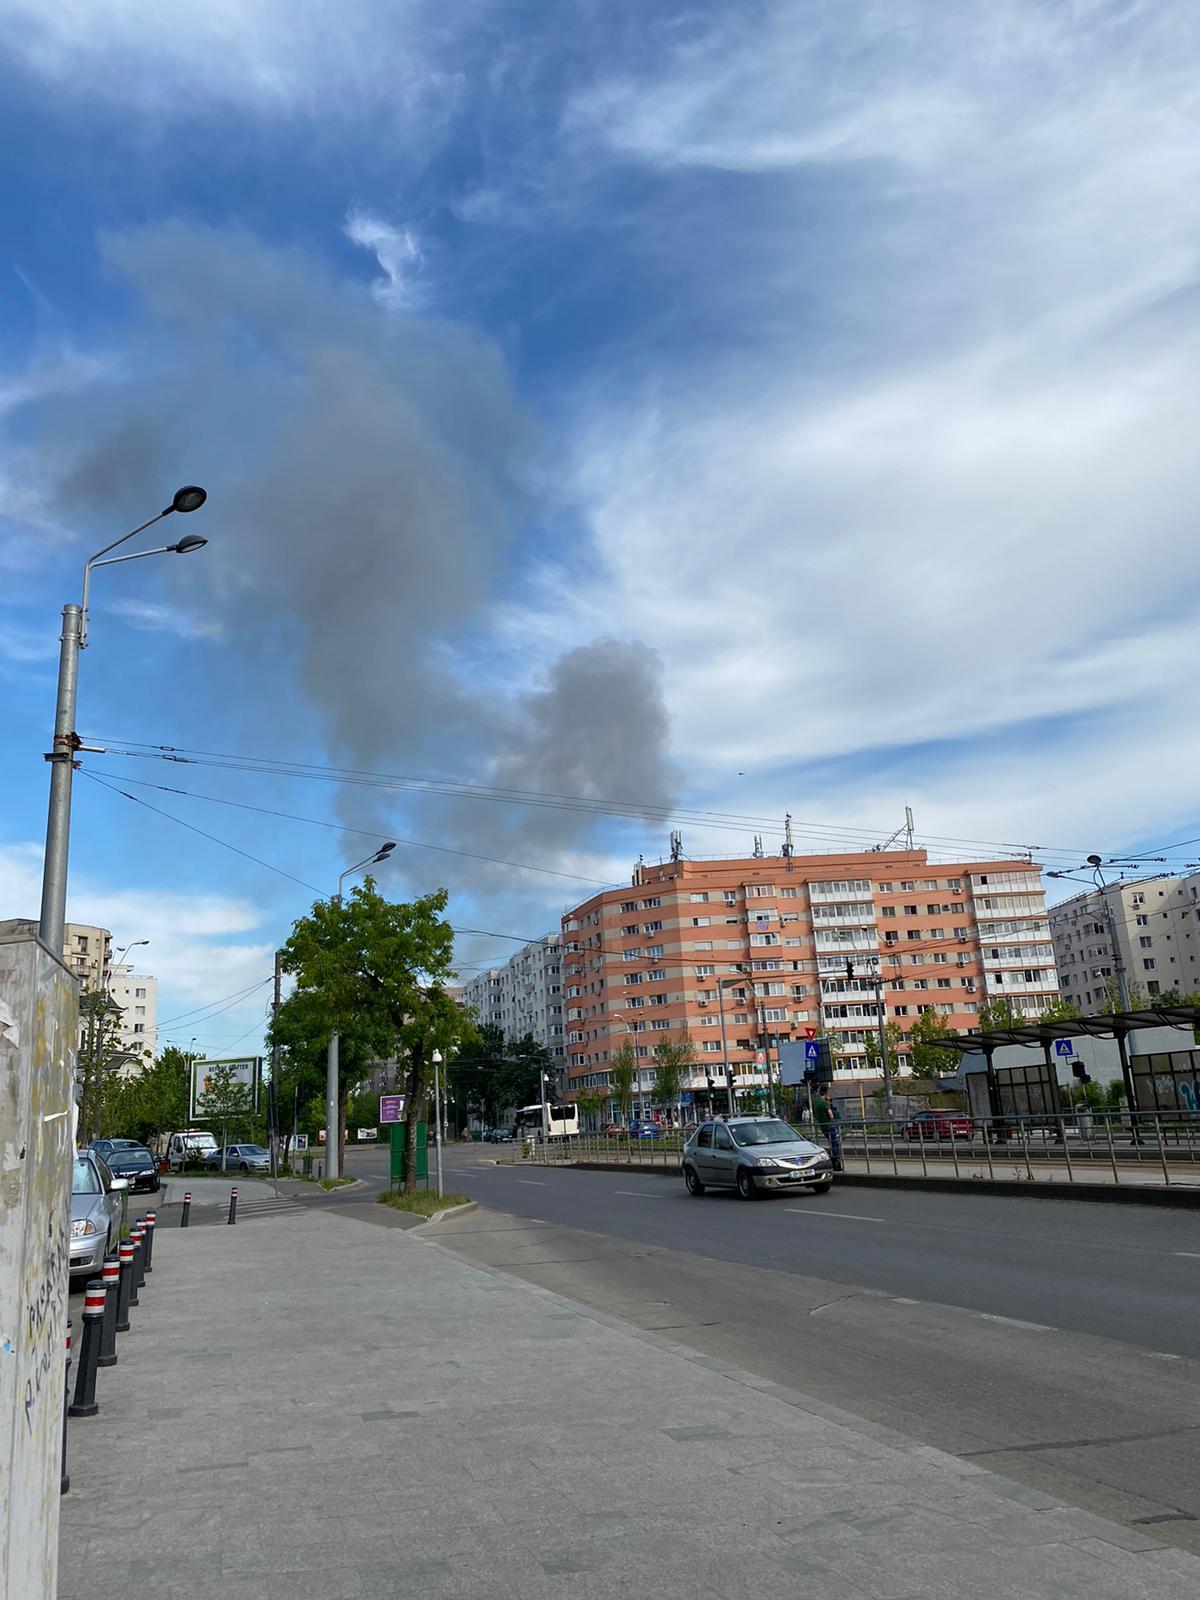 Incendiu în Titan, fum dens deasupra străzilor Rebreanu și 1 decembrie în București